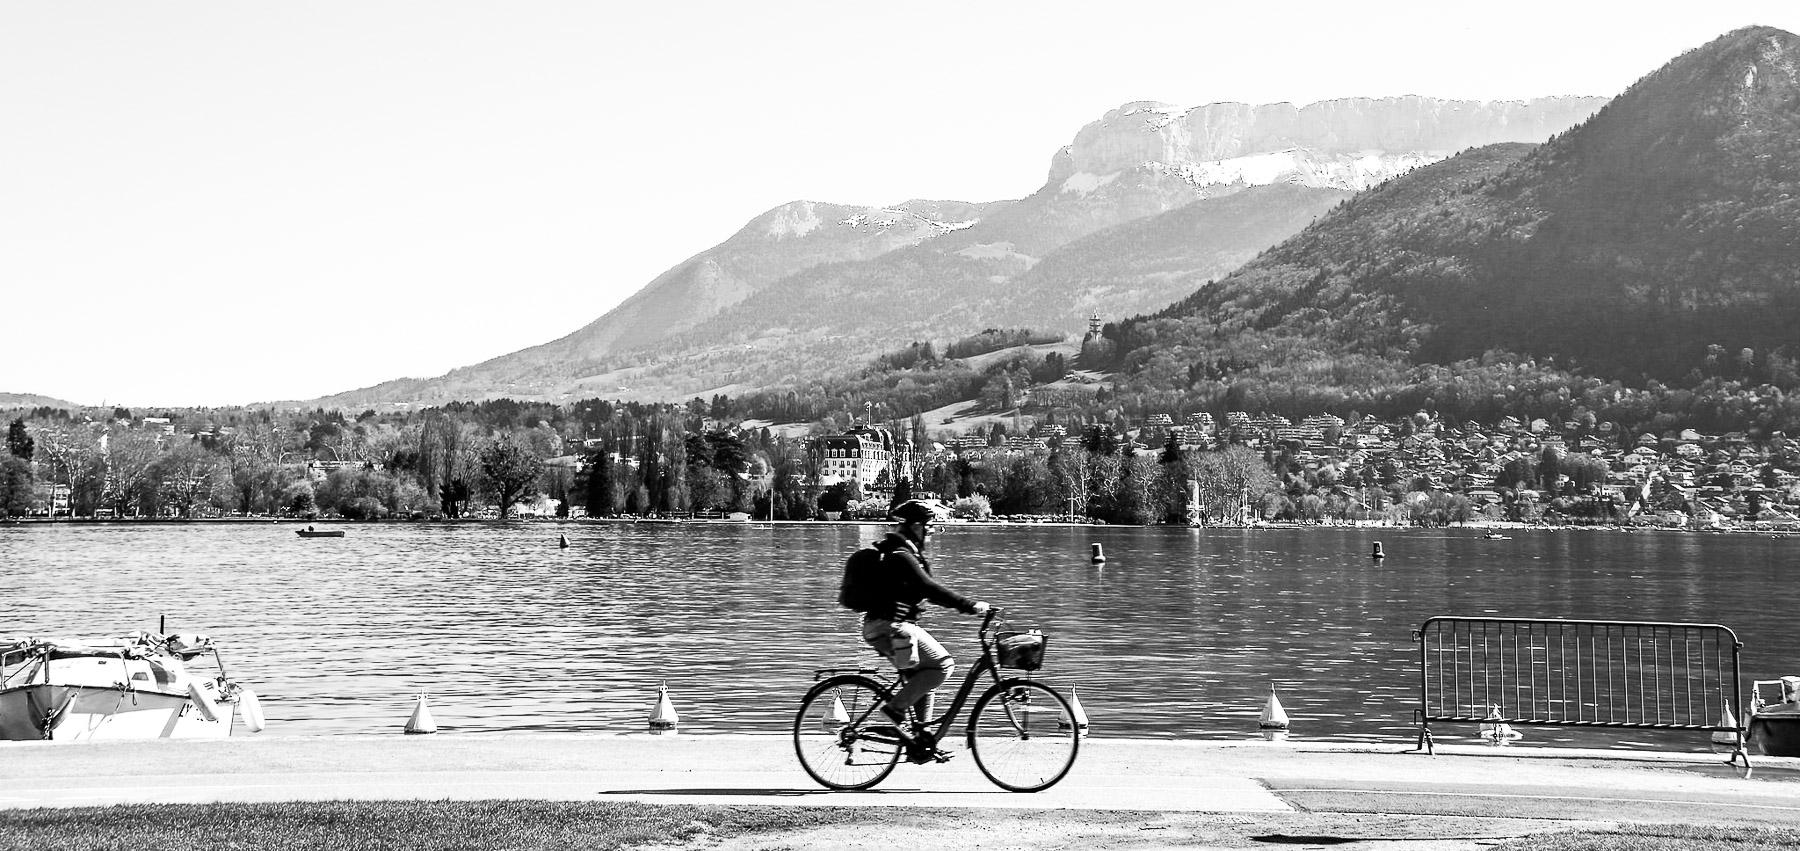 Photo d'un cycliste passant devant un lac, avec des montagnes en arrière-plan.